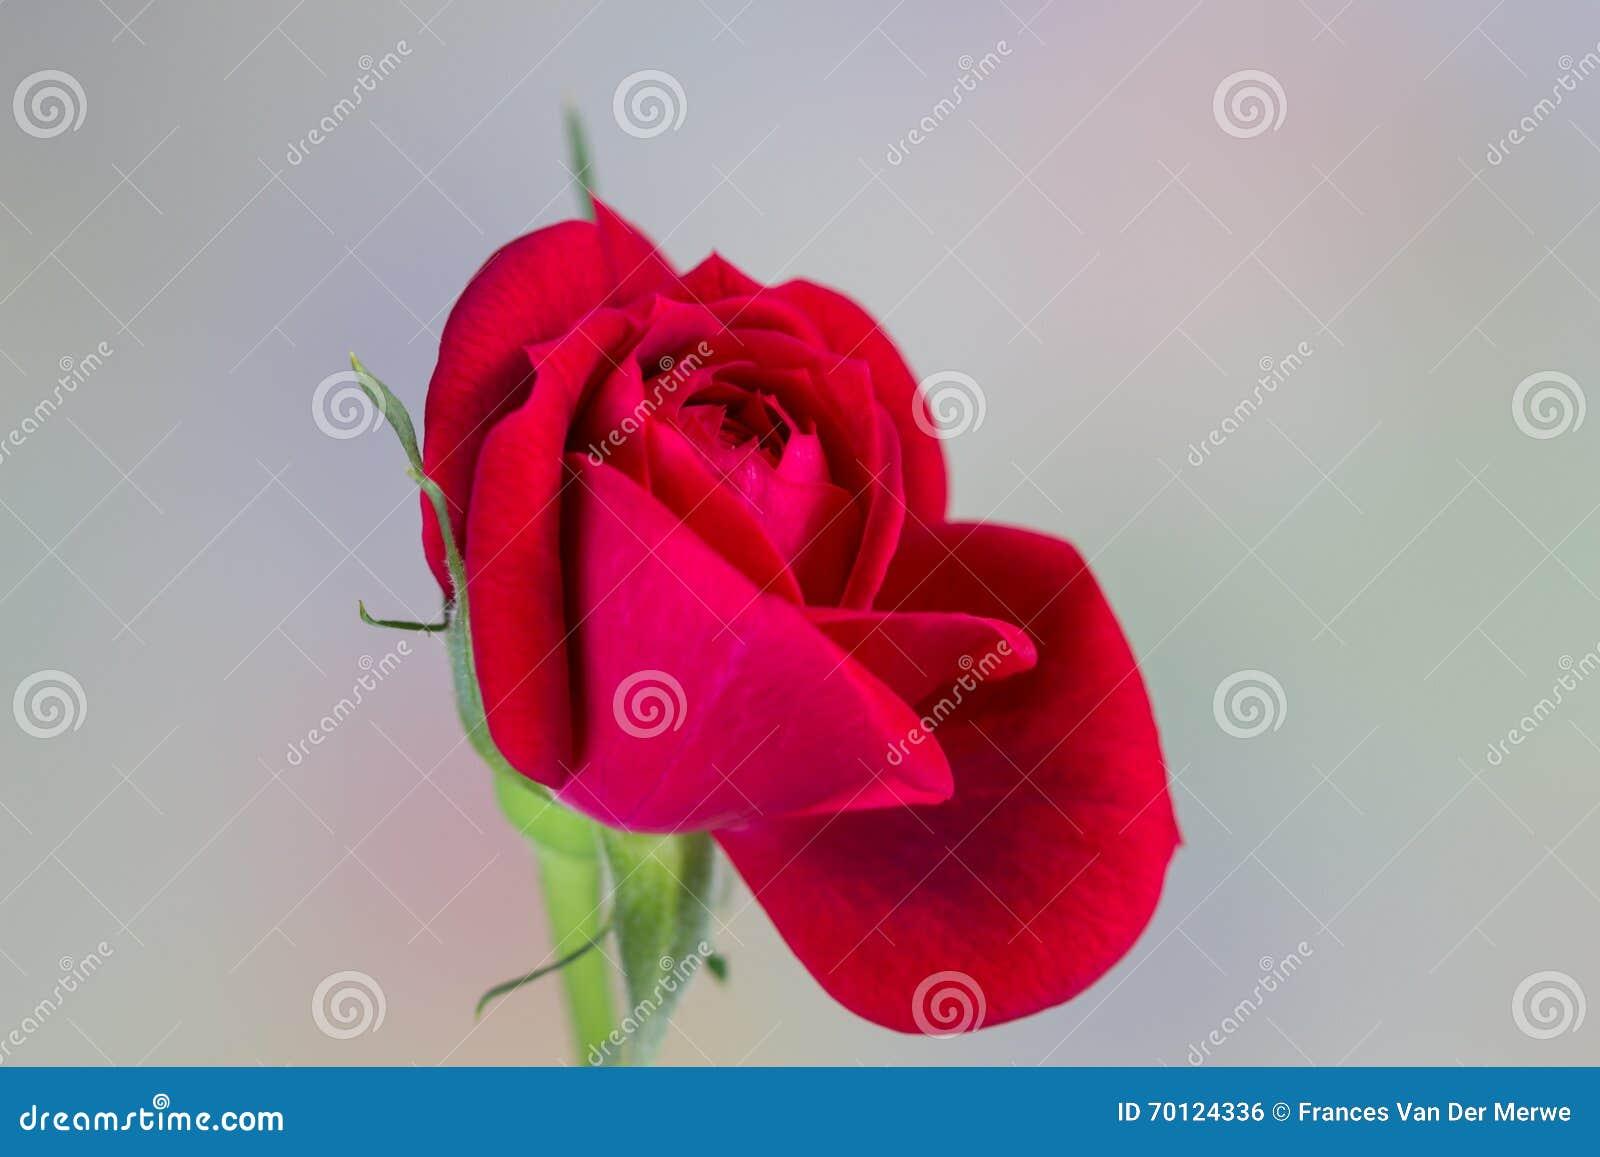 Миниатюрная красная роза